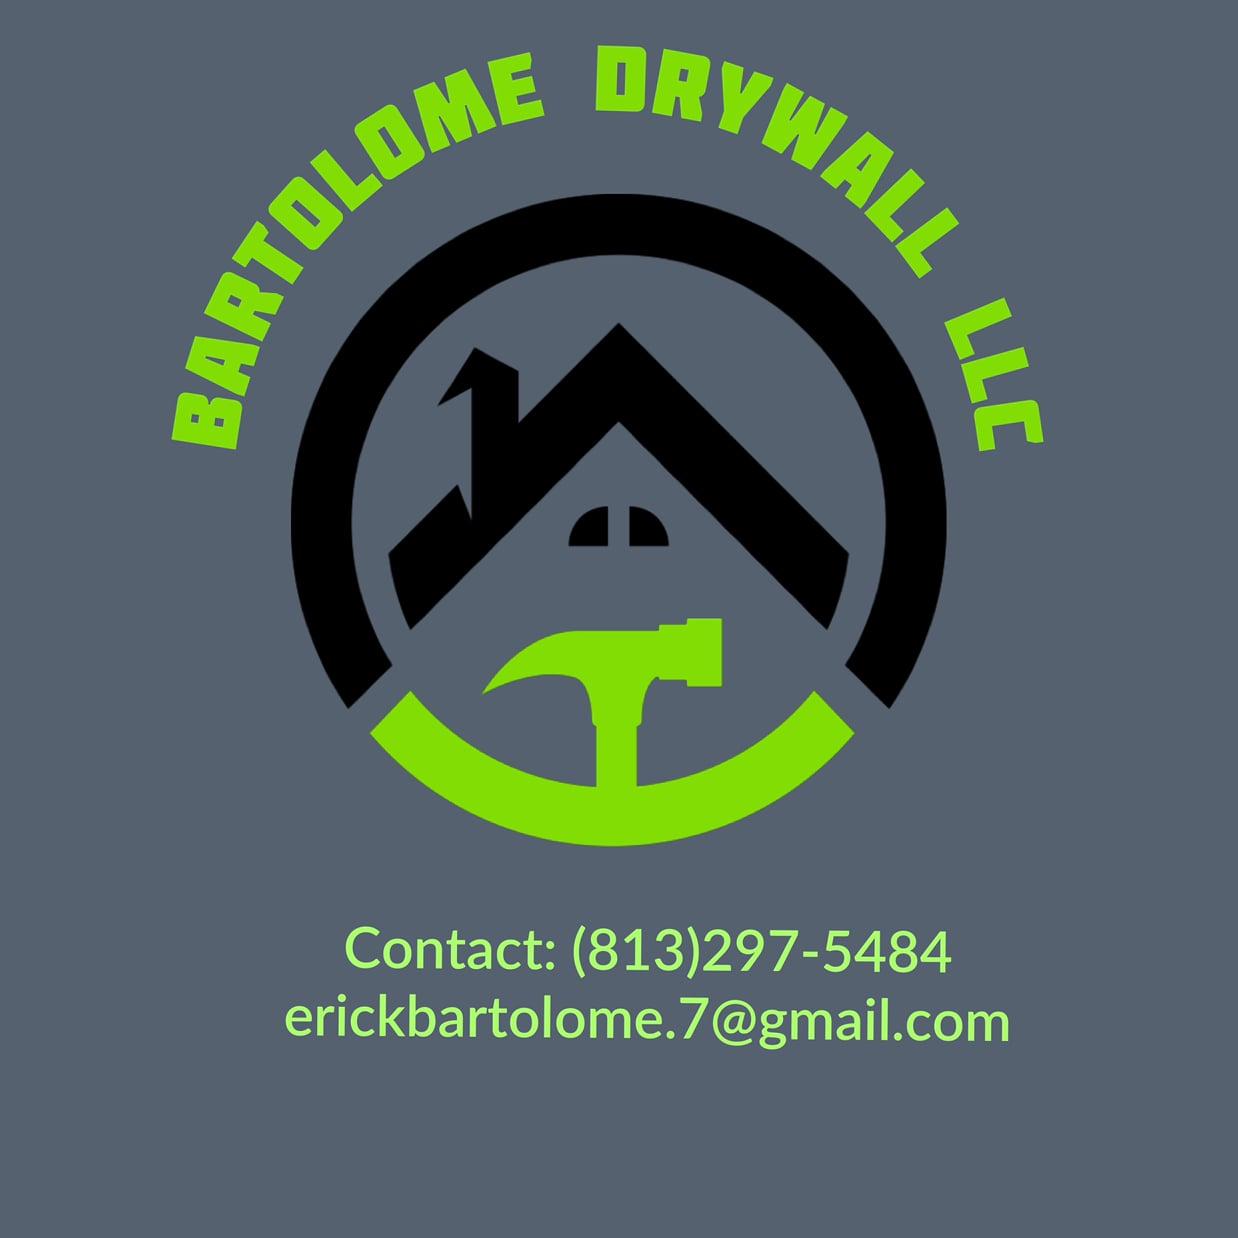 BARTOLOME DRYWALL LLC